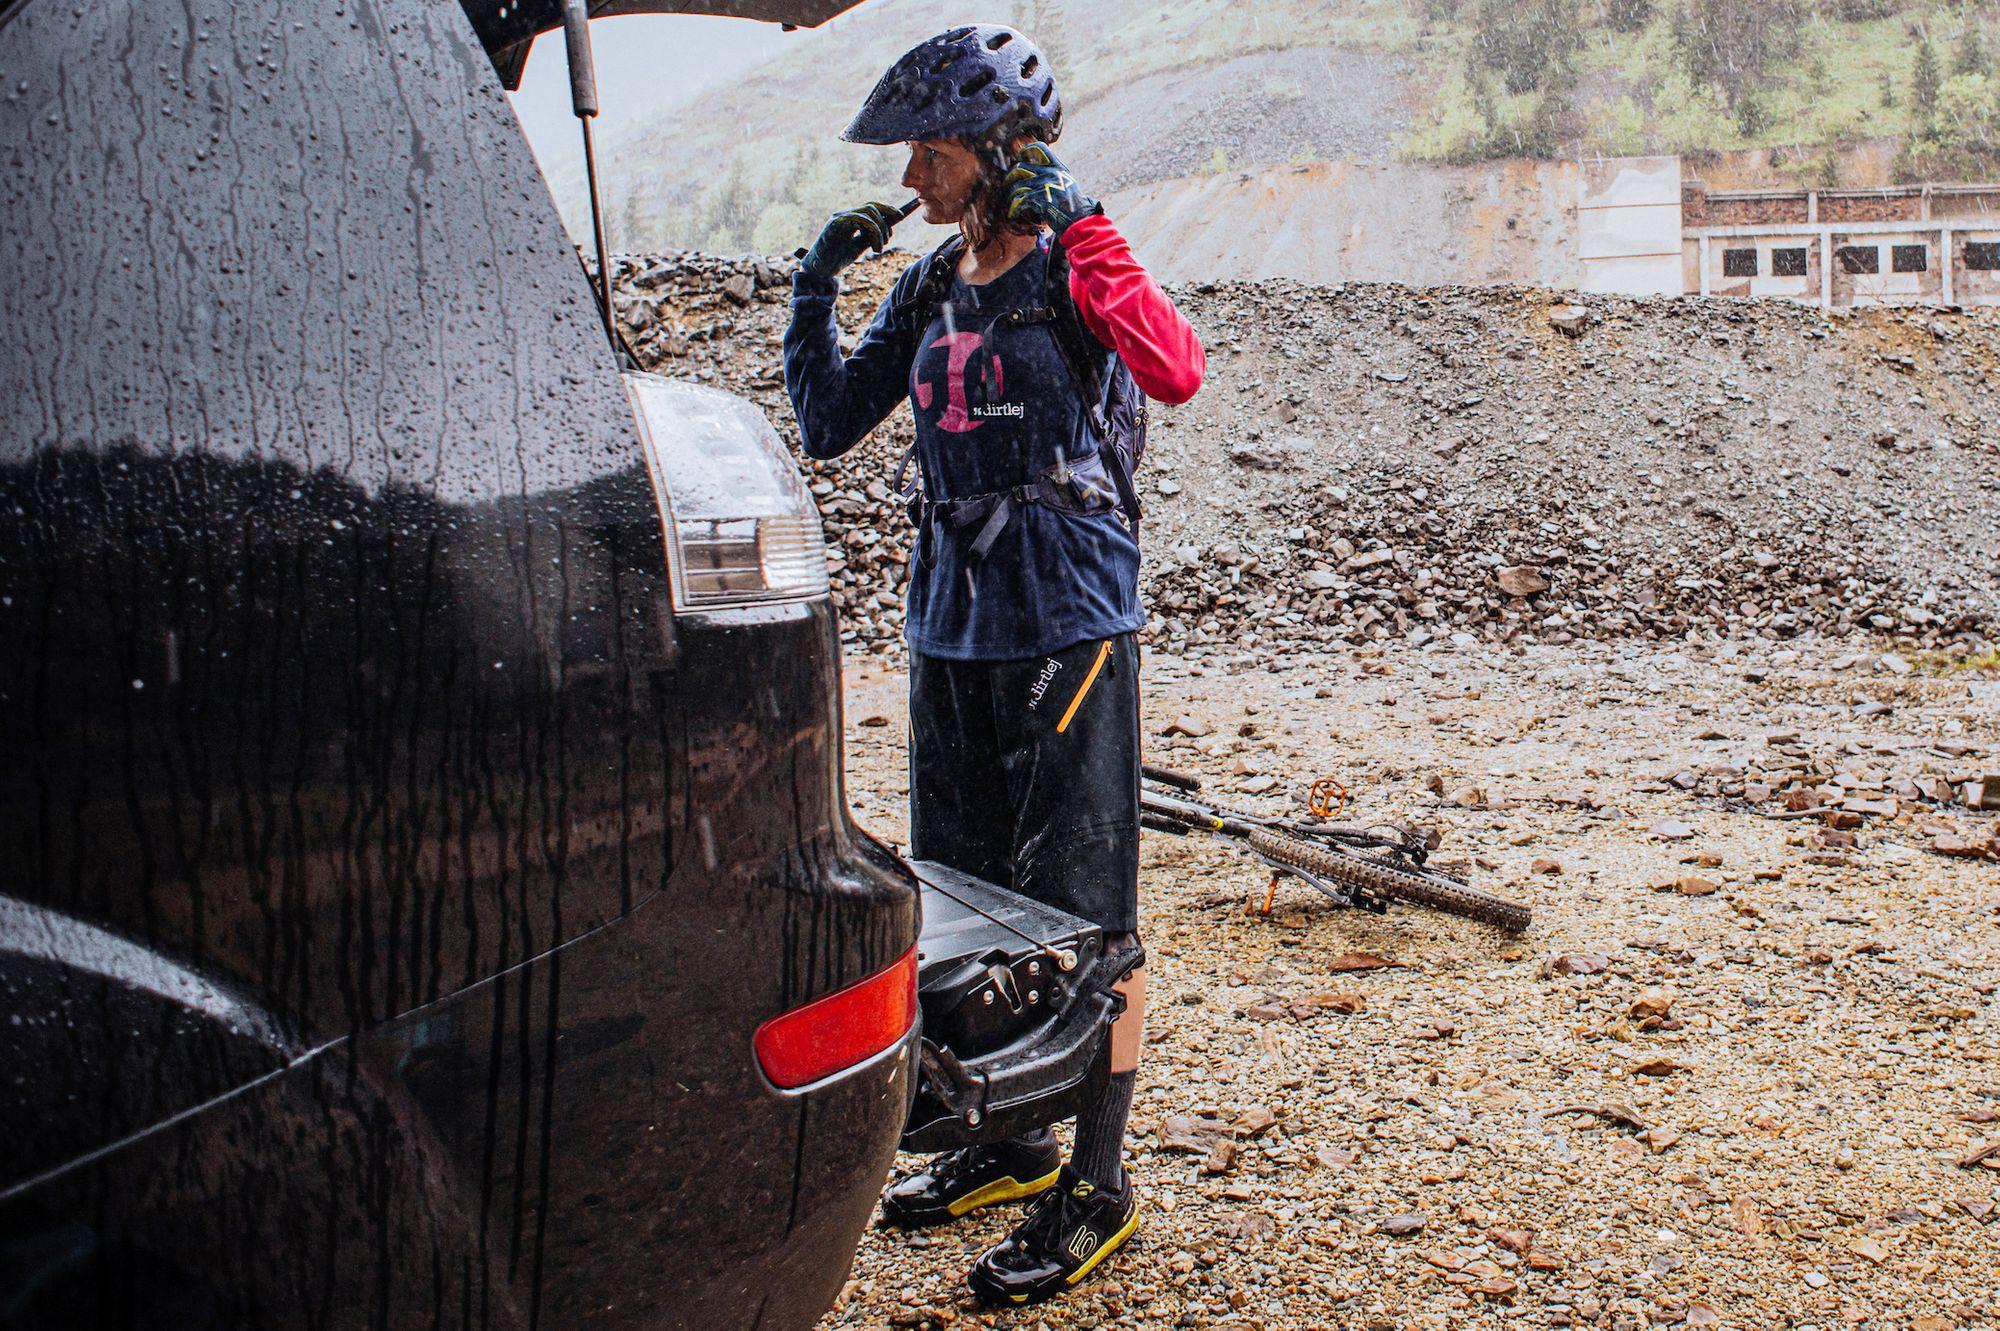 Die richtige Winterbekleidung für Mountainbiker